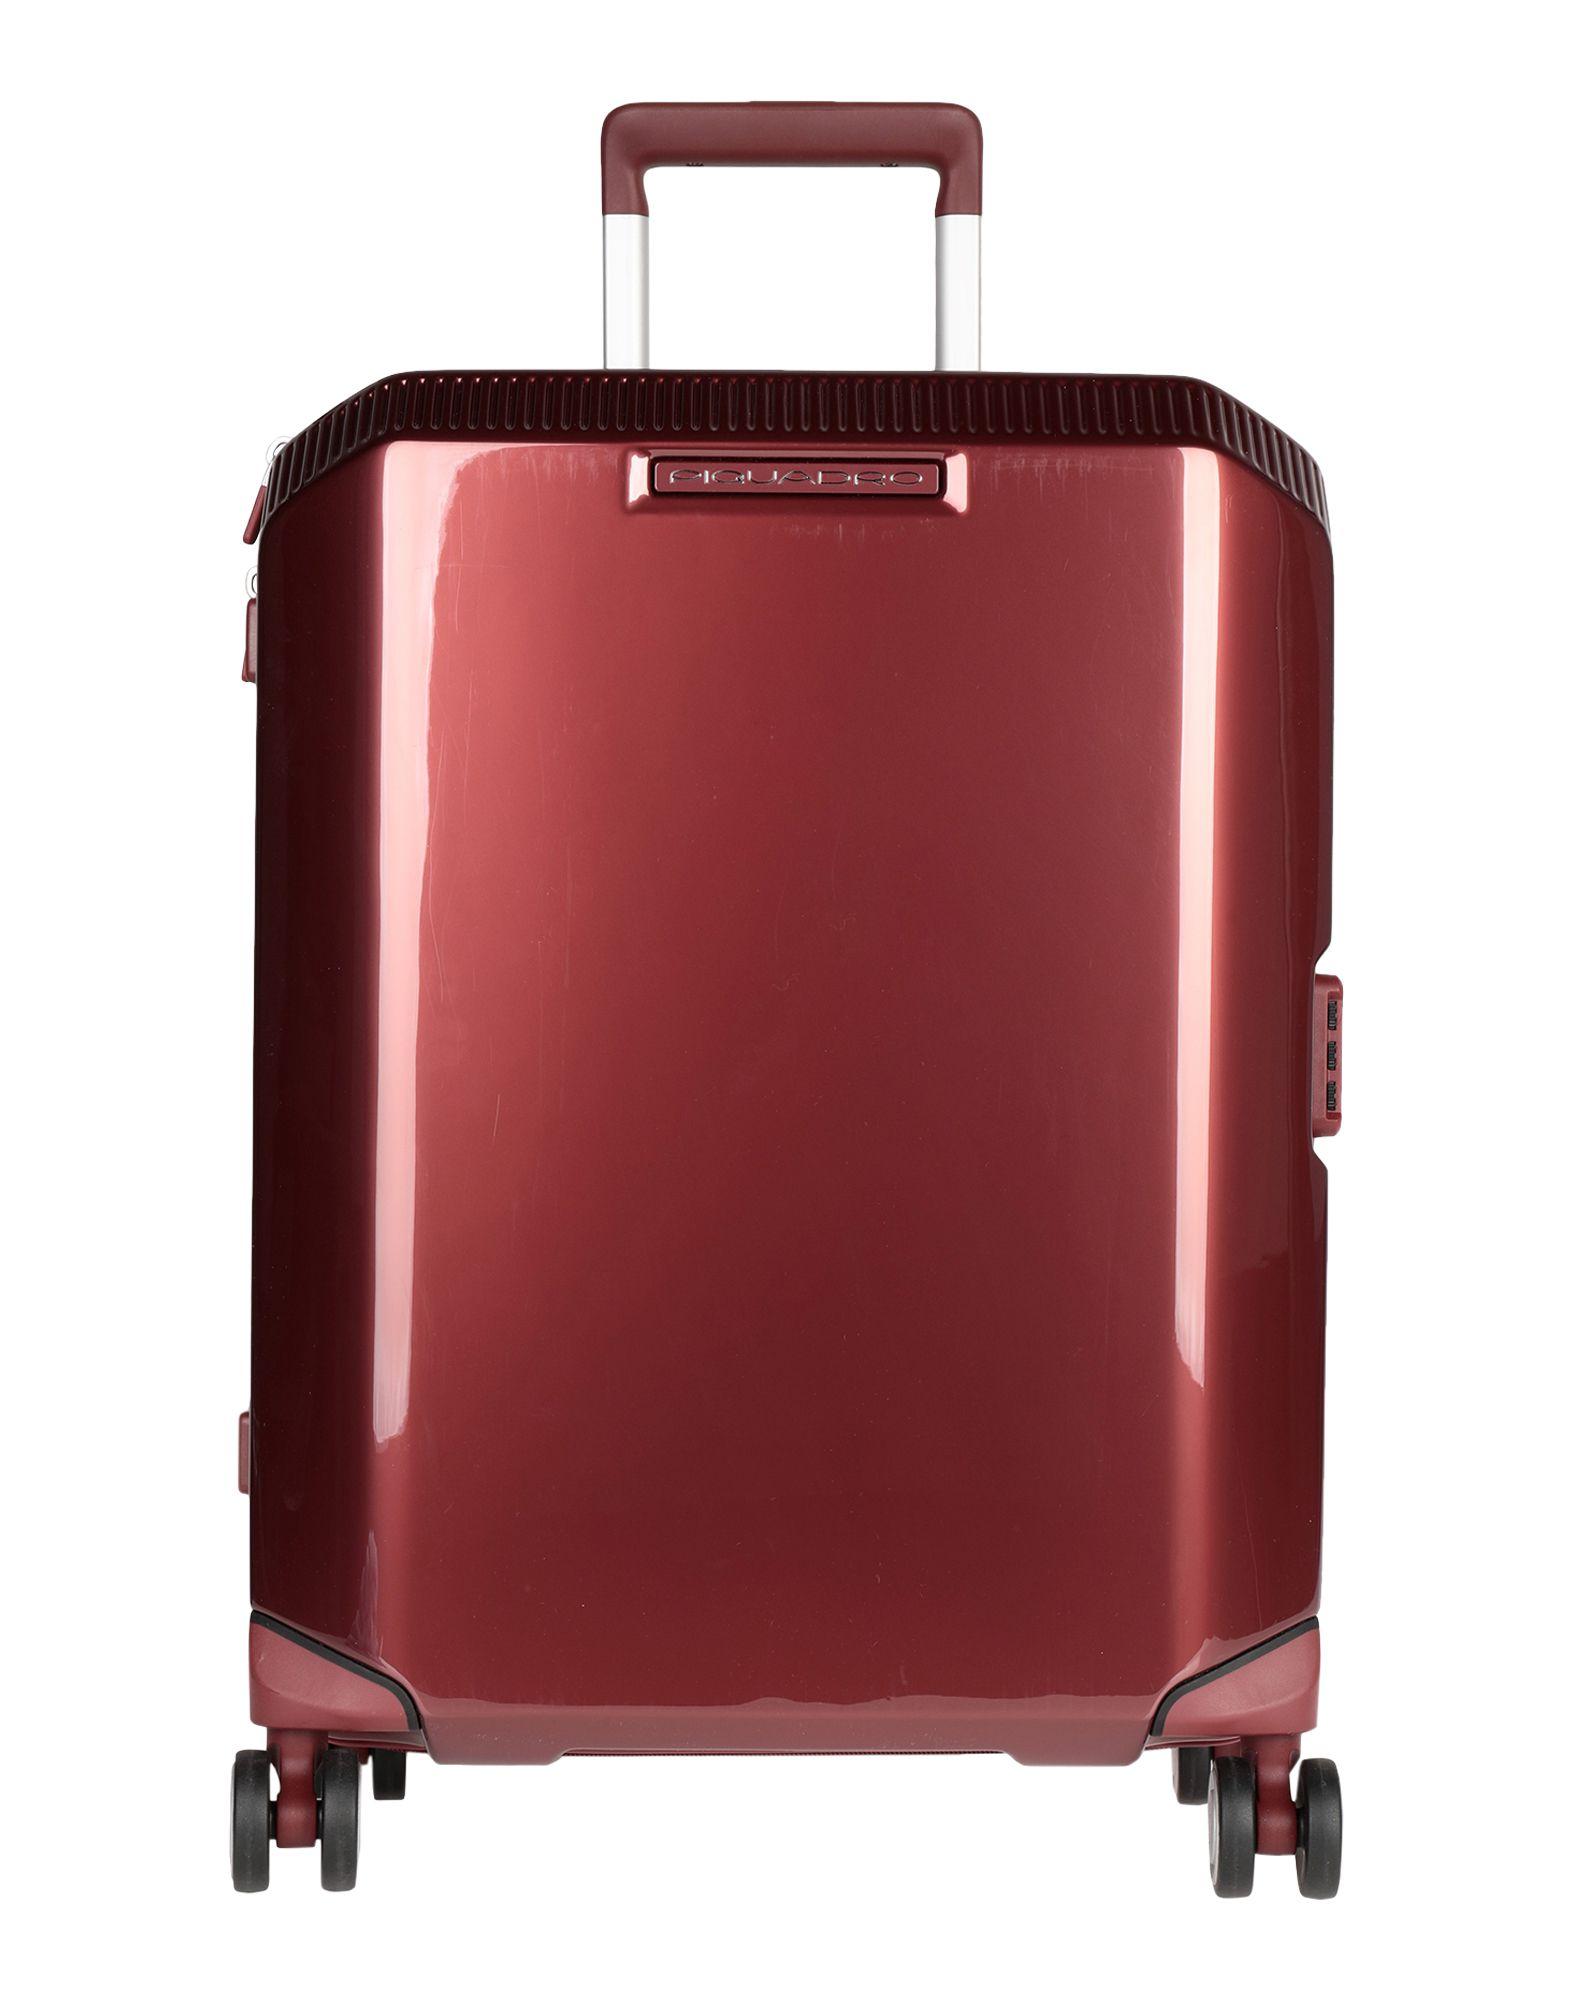 YOOX.COM(ユークス)《セール開催中》PIQUADRO Unisex キャスター付きバッグ ボルドー ポリカーボネート 100%